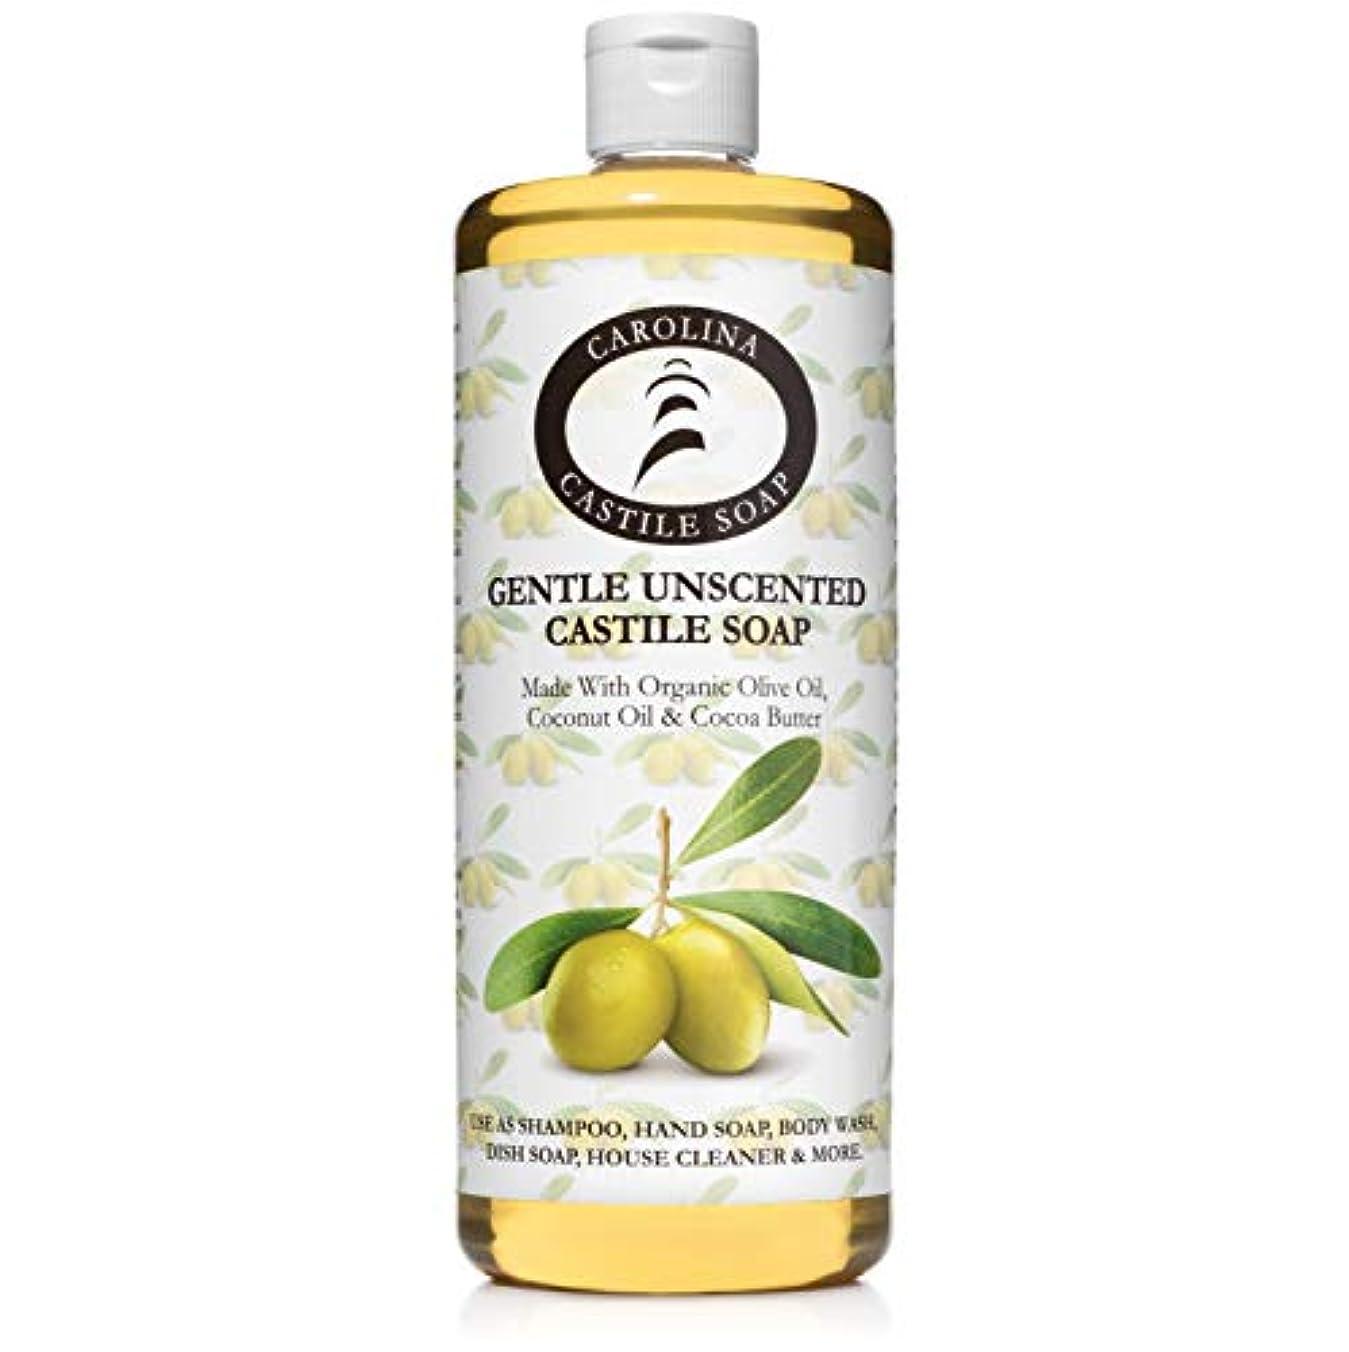 抑制哺乳類物思いにふけるCarolina Castile Soap ジェントル無香料認定オーガニック 32オズ